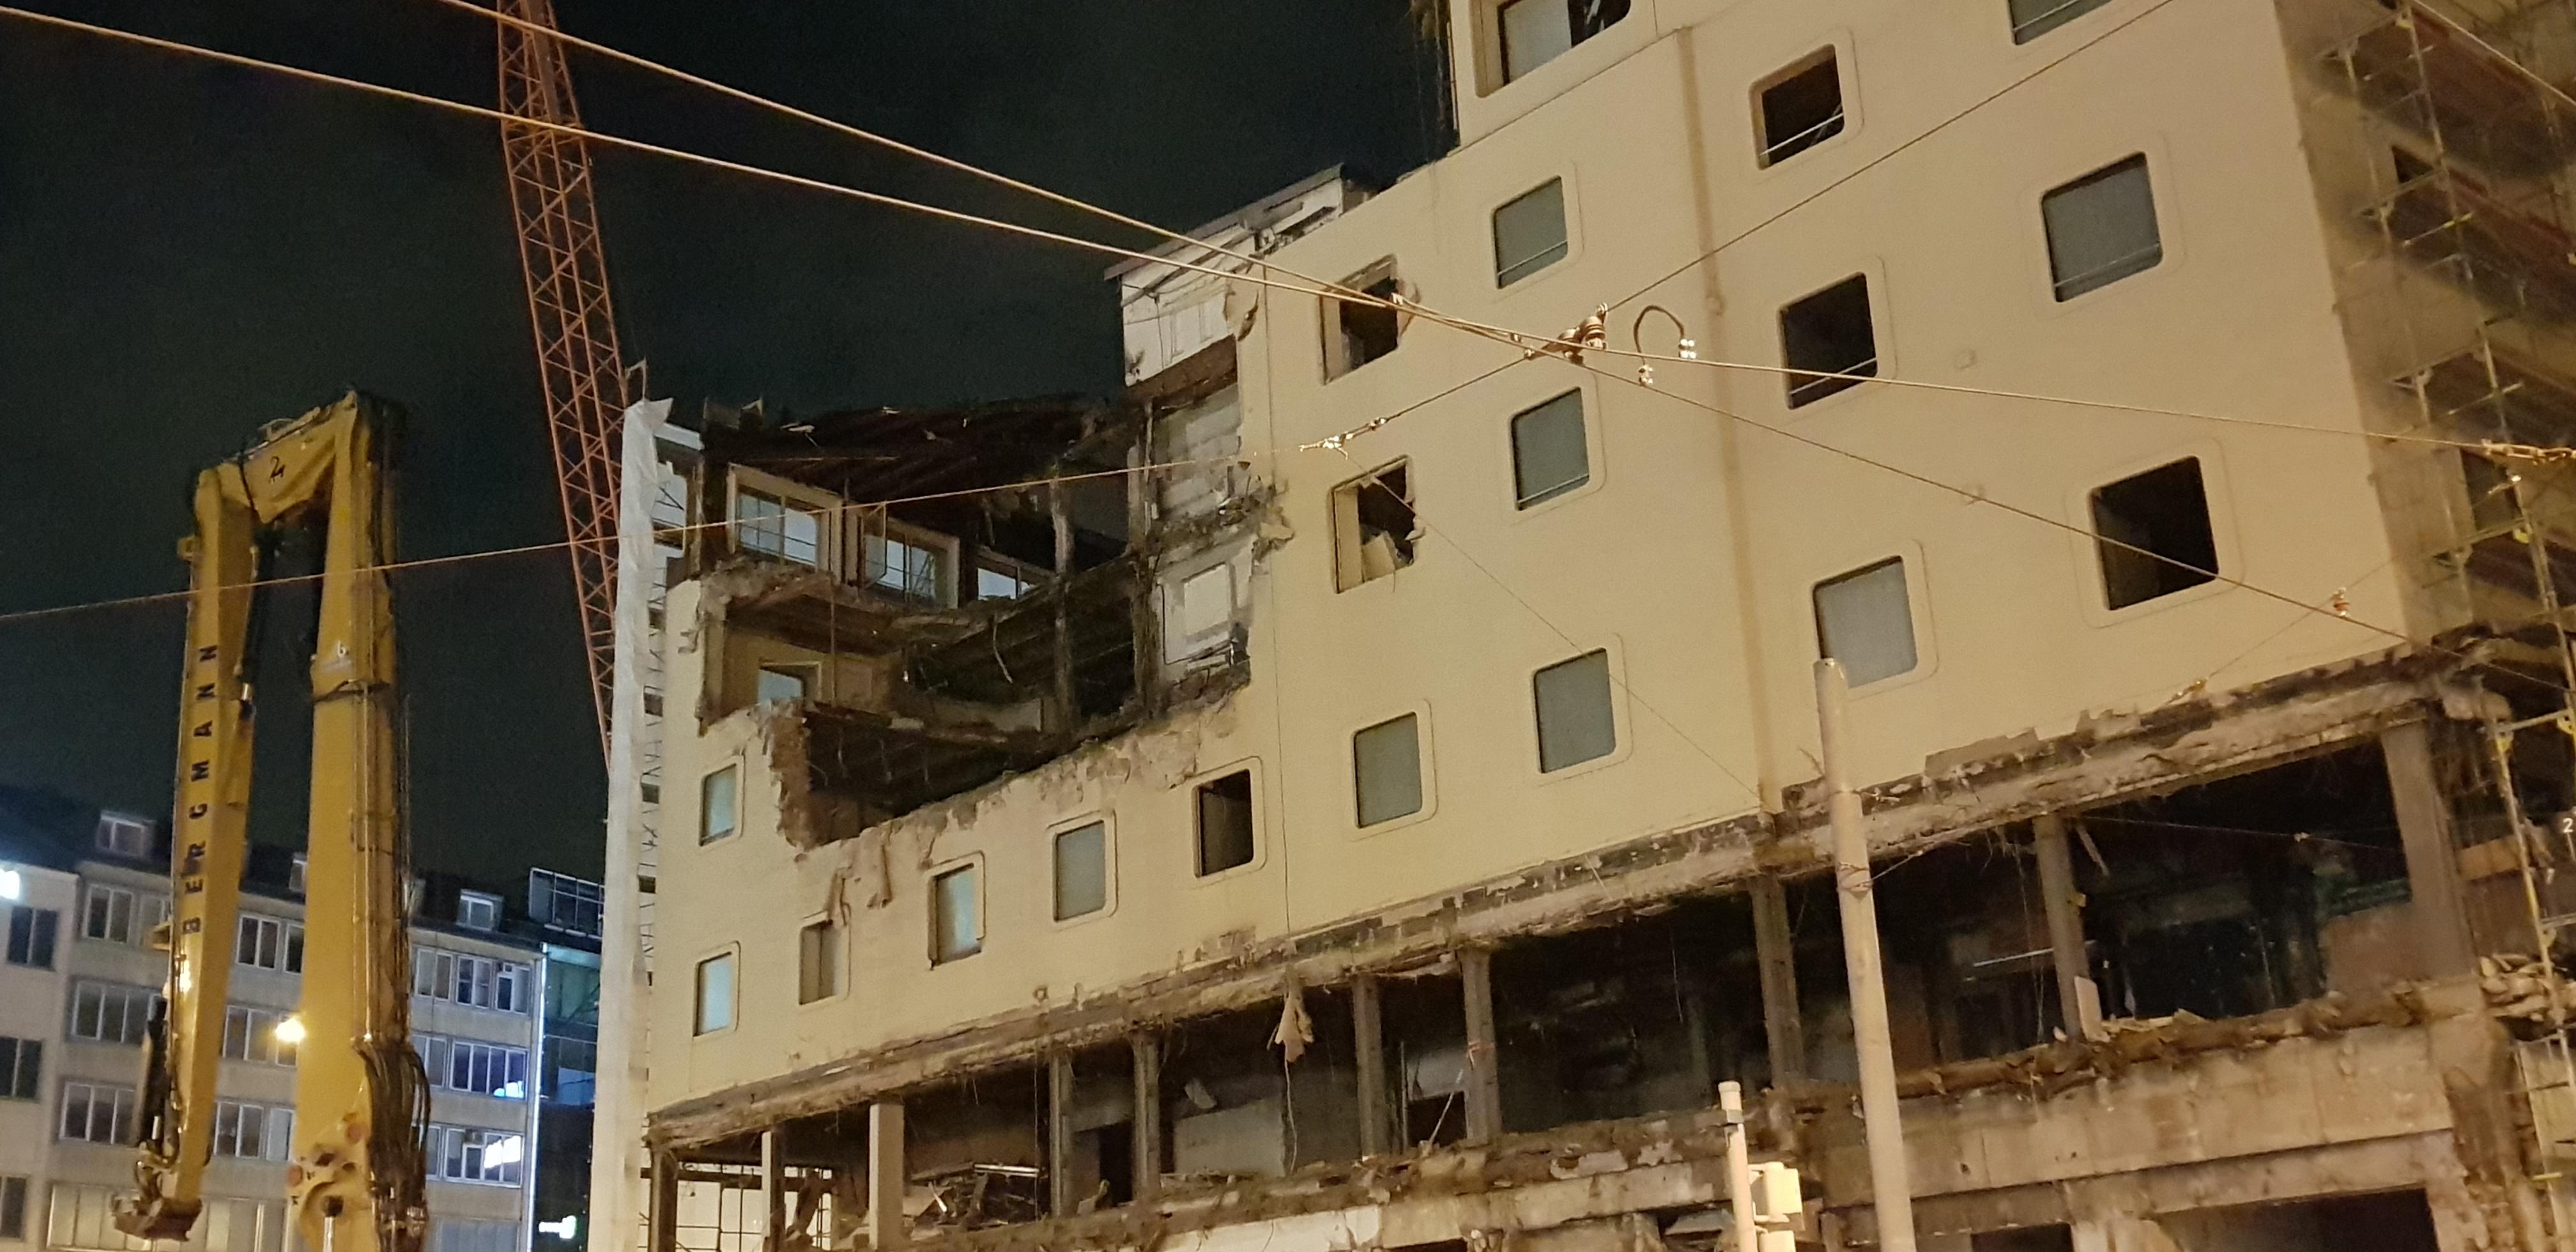 Hotel Königshof: Der Abriss hat begonnen